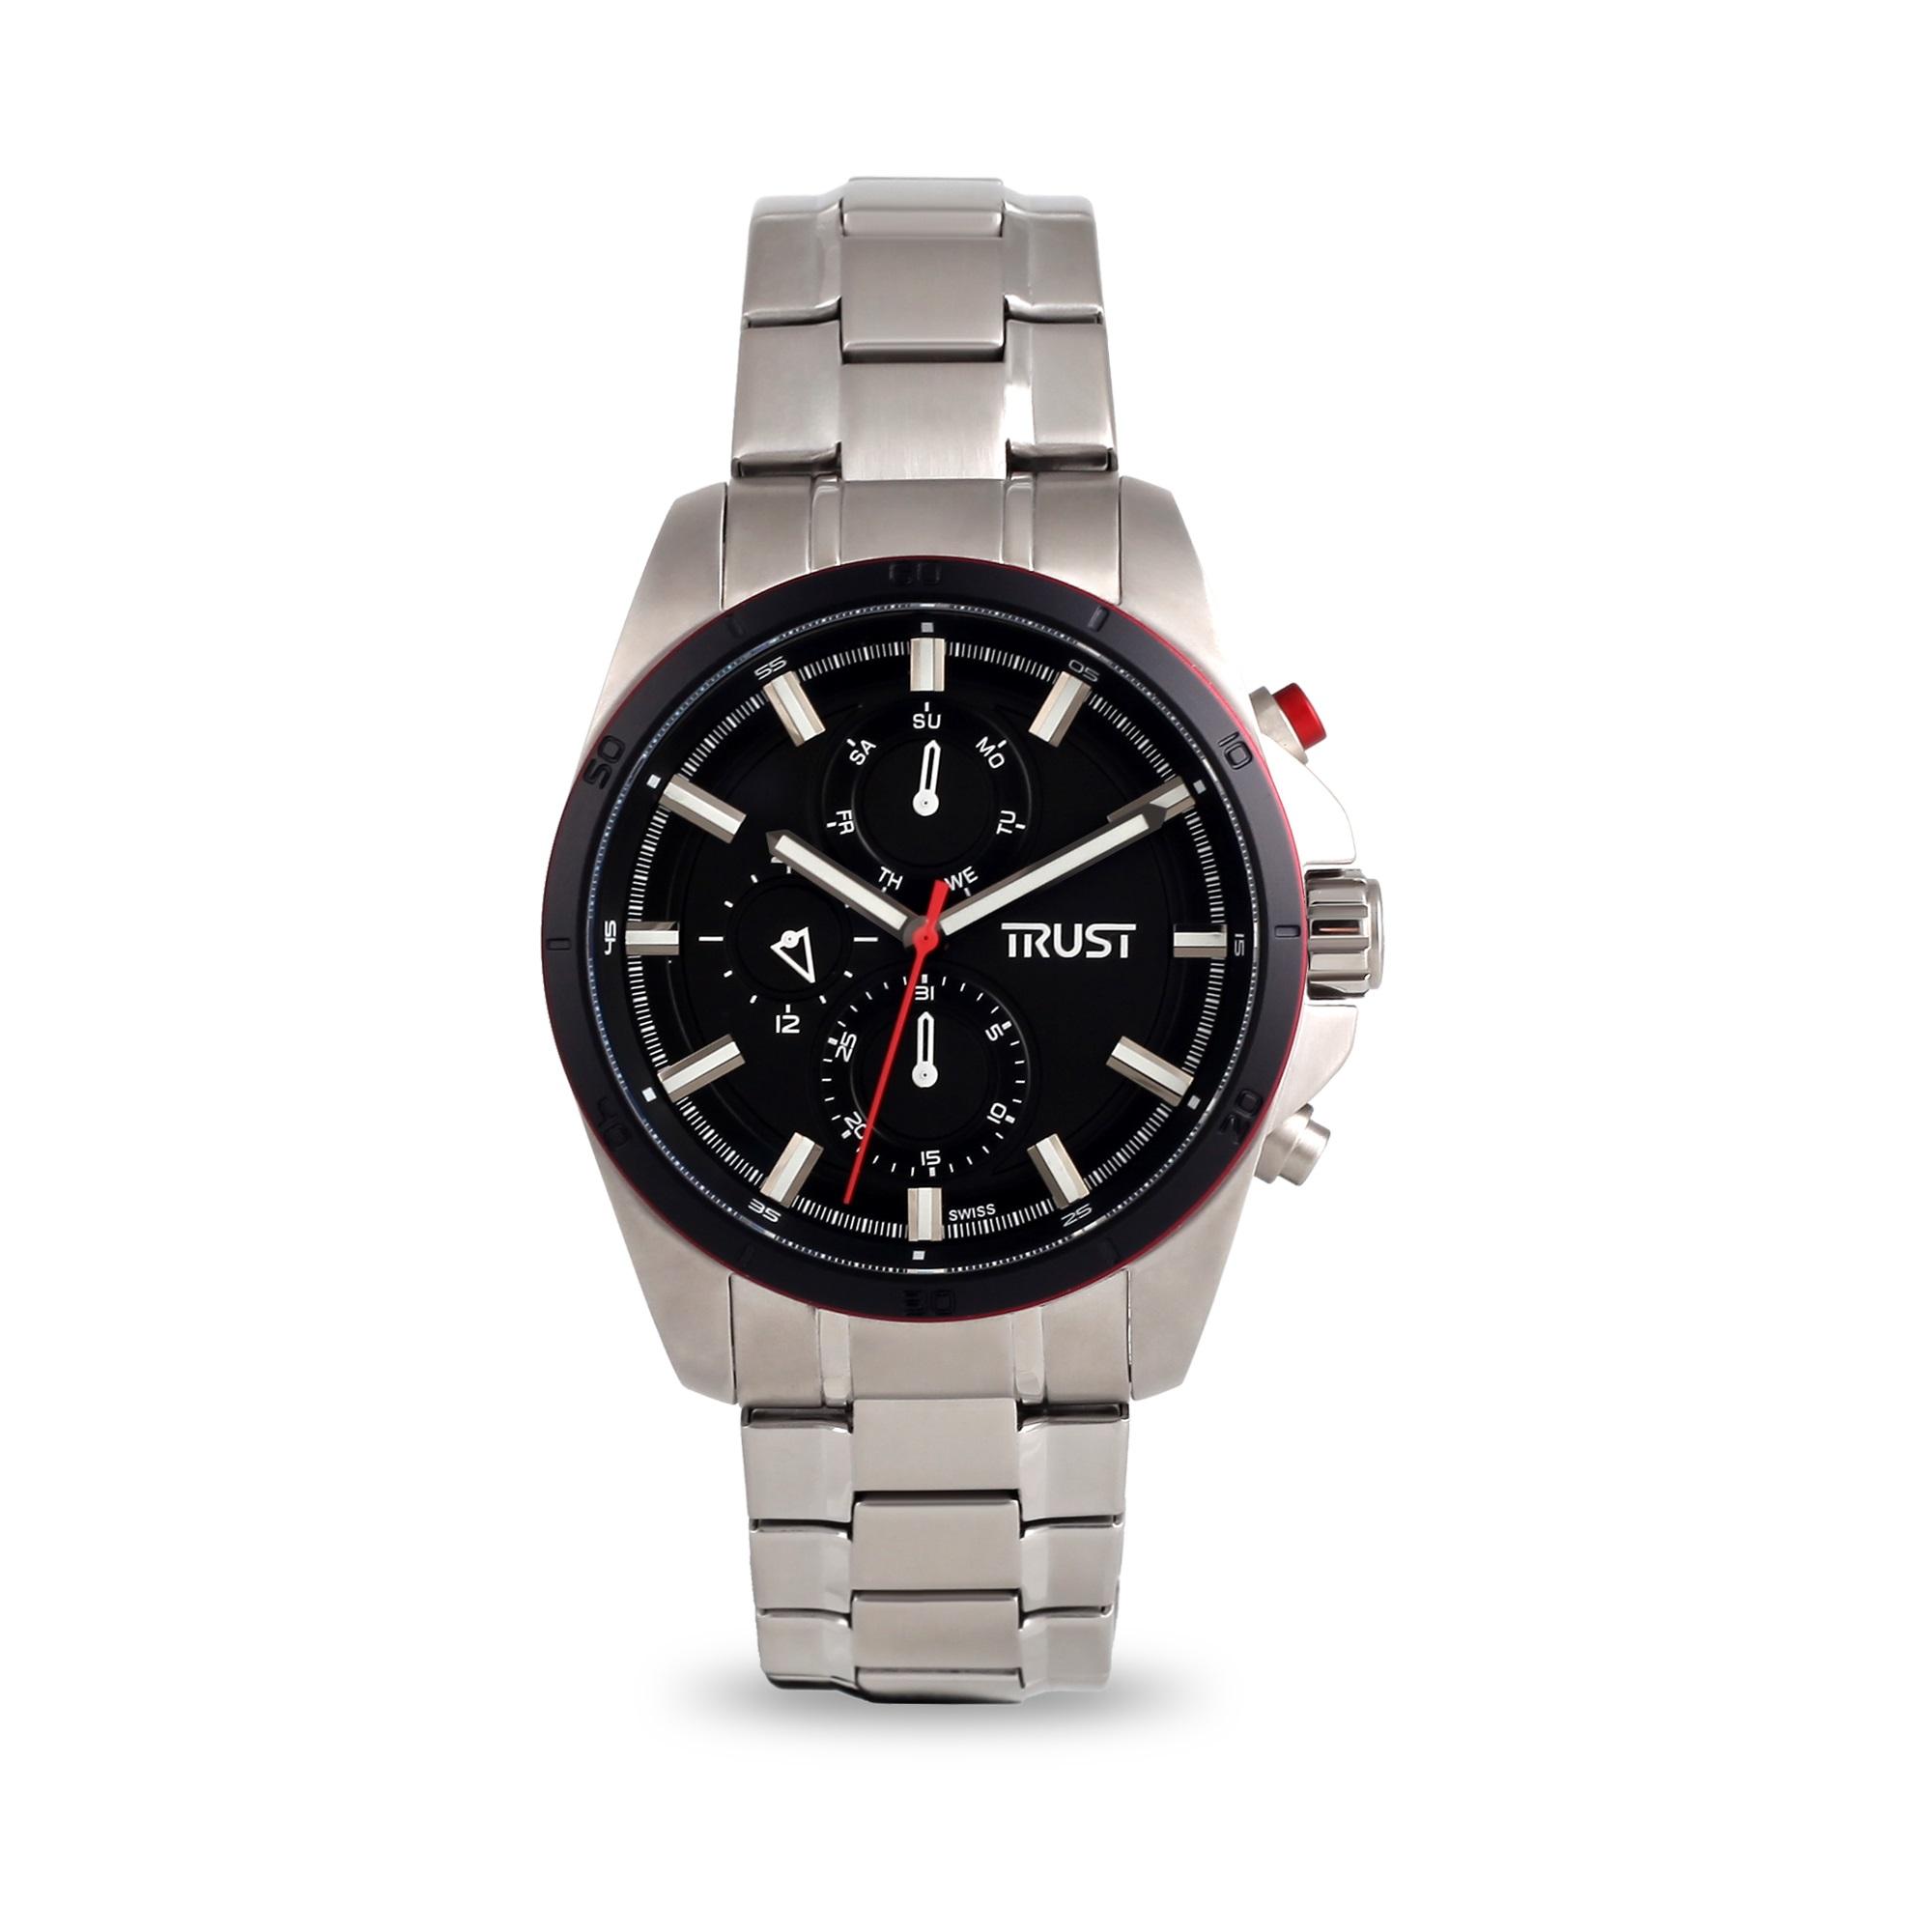 ساعت مچی عقربه ای مردانه تراست مدل G495HRD 31